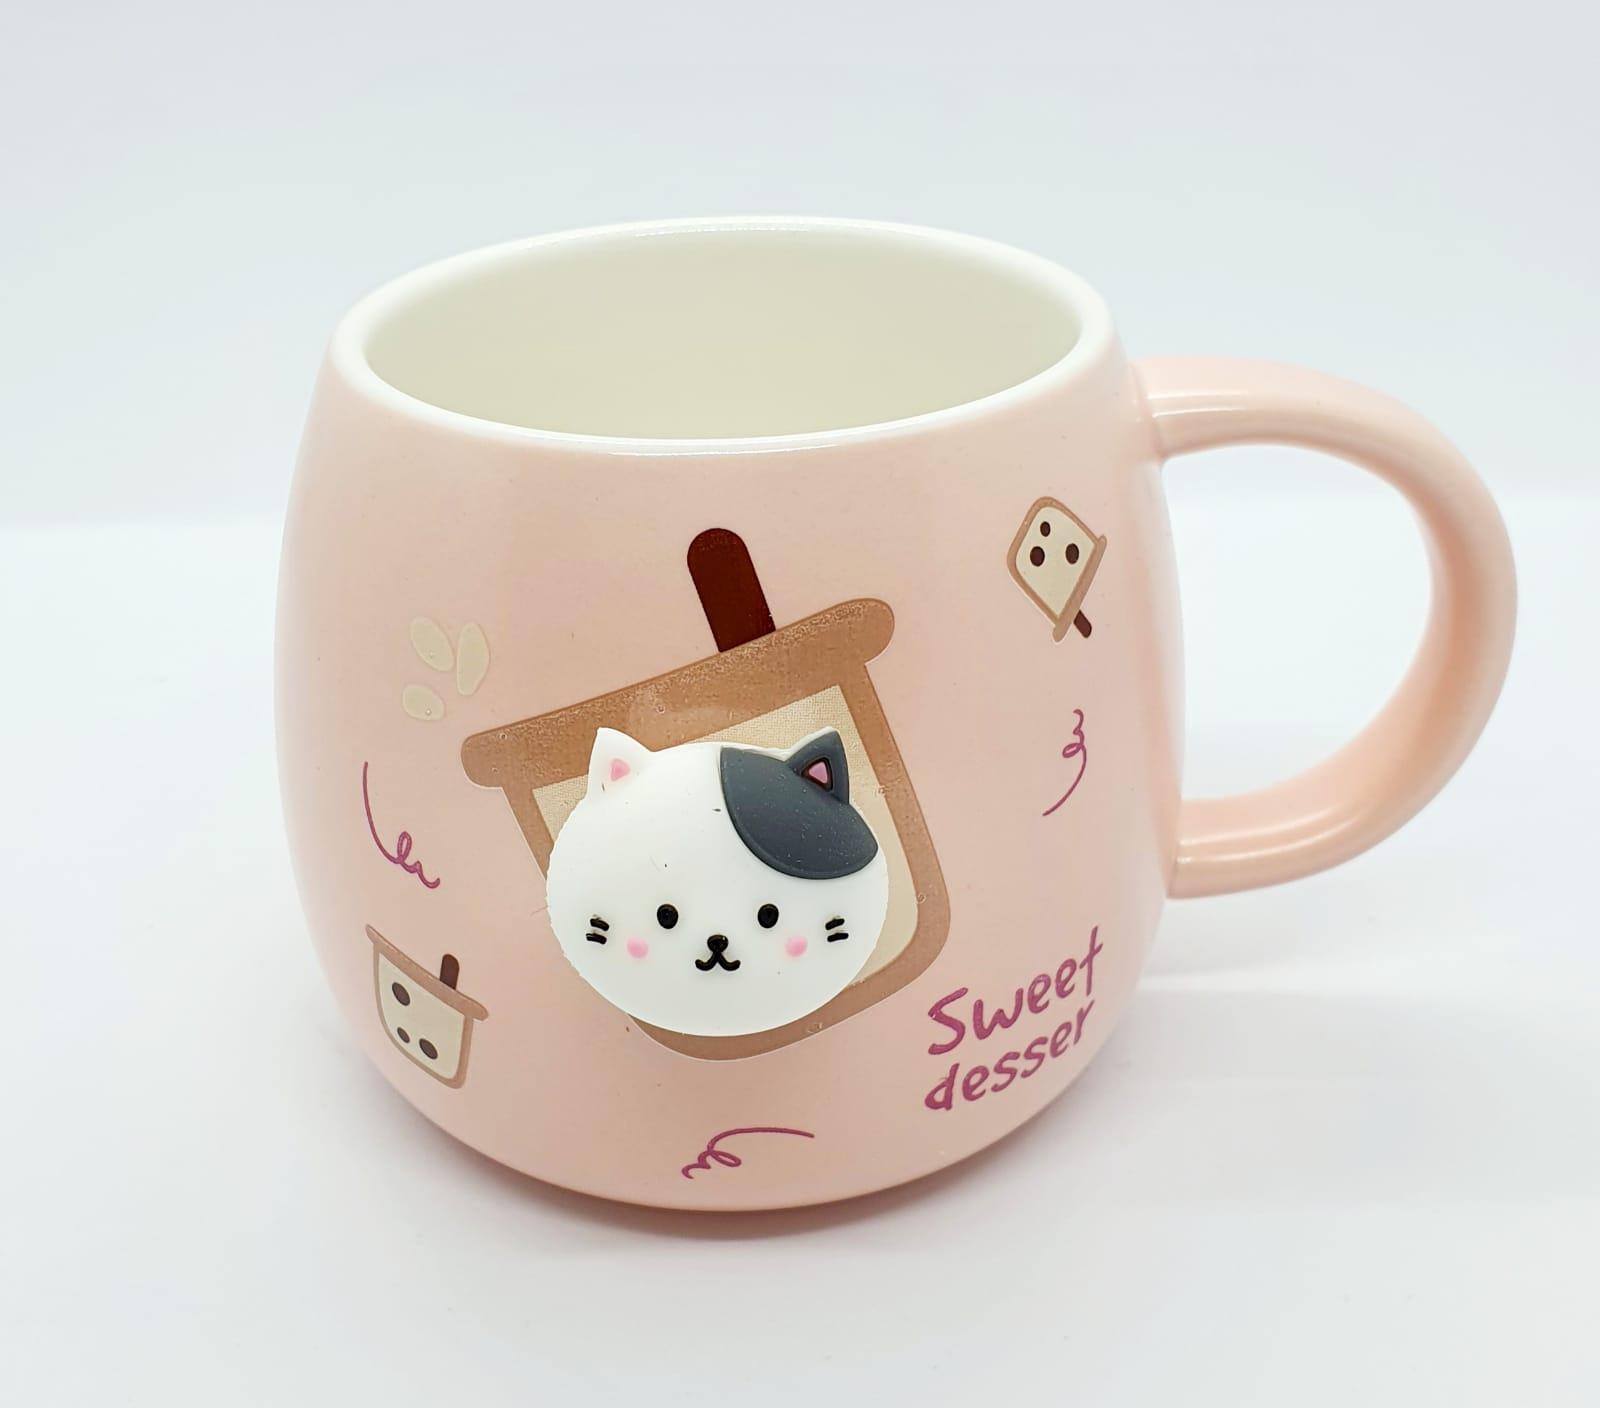 Caneca/Vaso gatinho Sweet desser rosa em cerâmica - 350ml